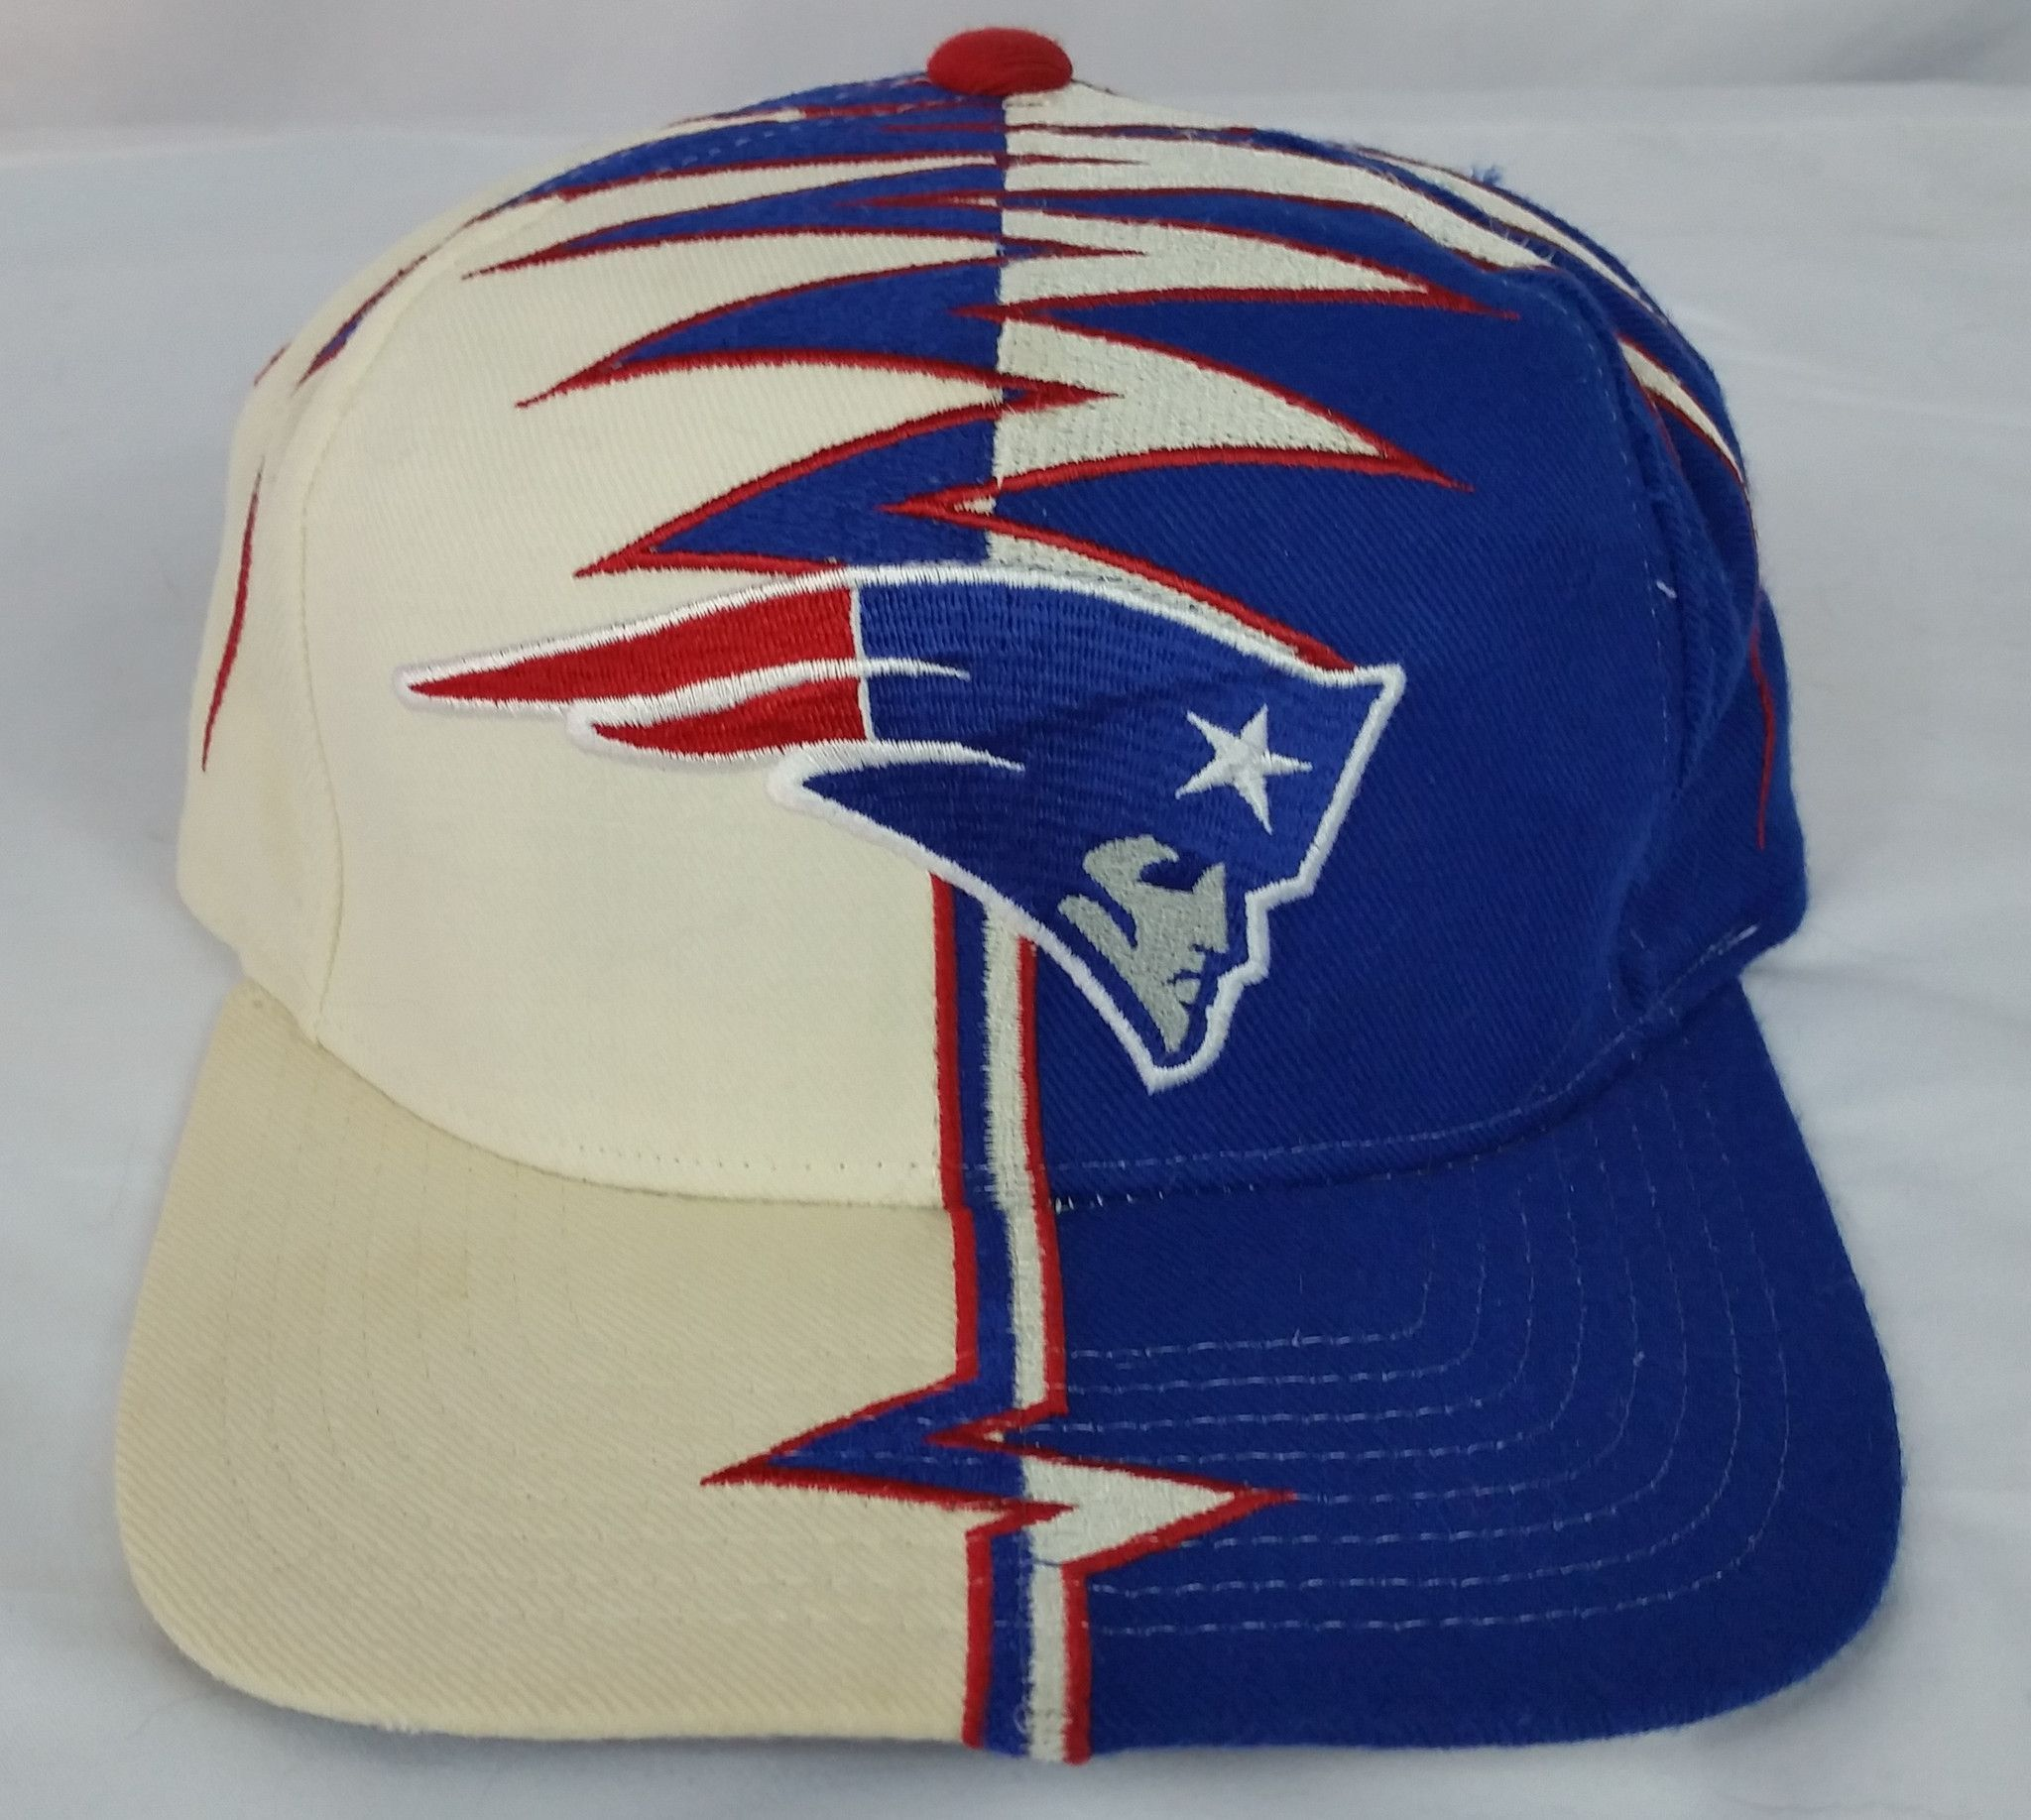 aacd2488a45 New England Patriots Vintage Strapback Starter Shockwave Hat NFL Snapback  Rare